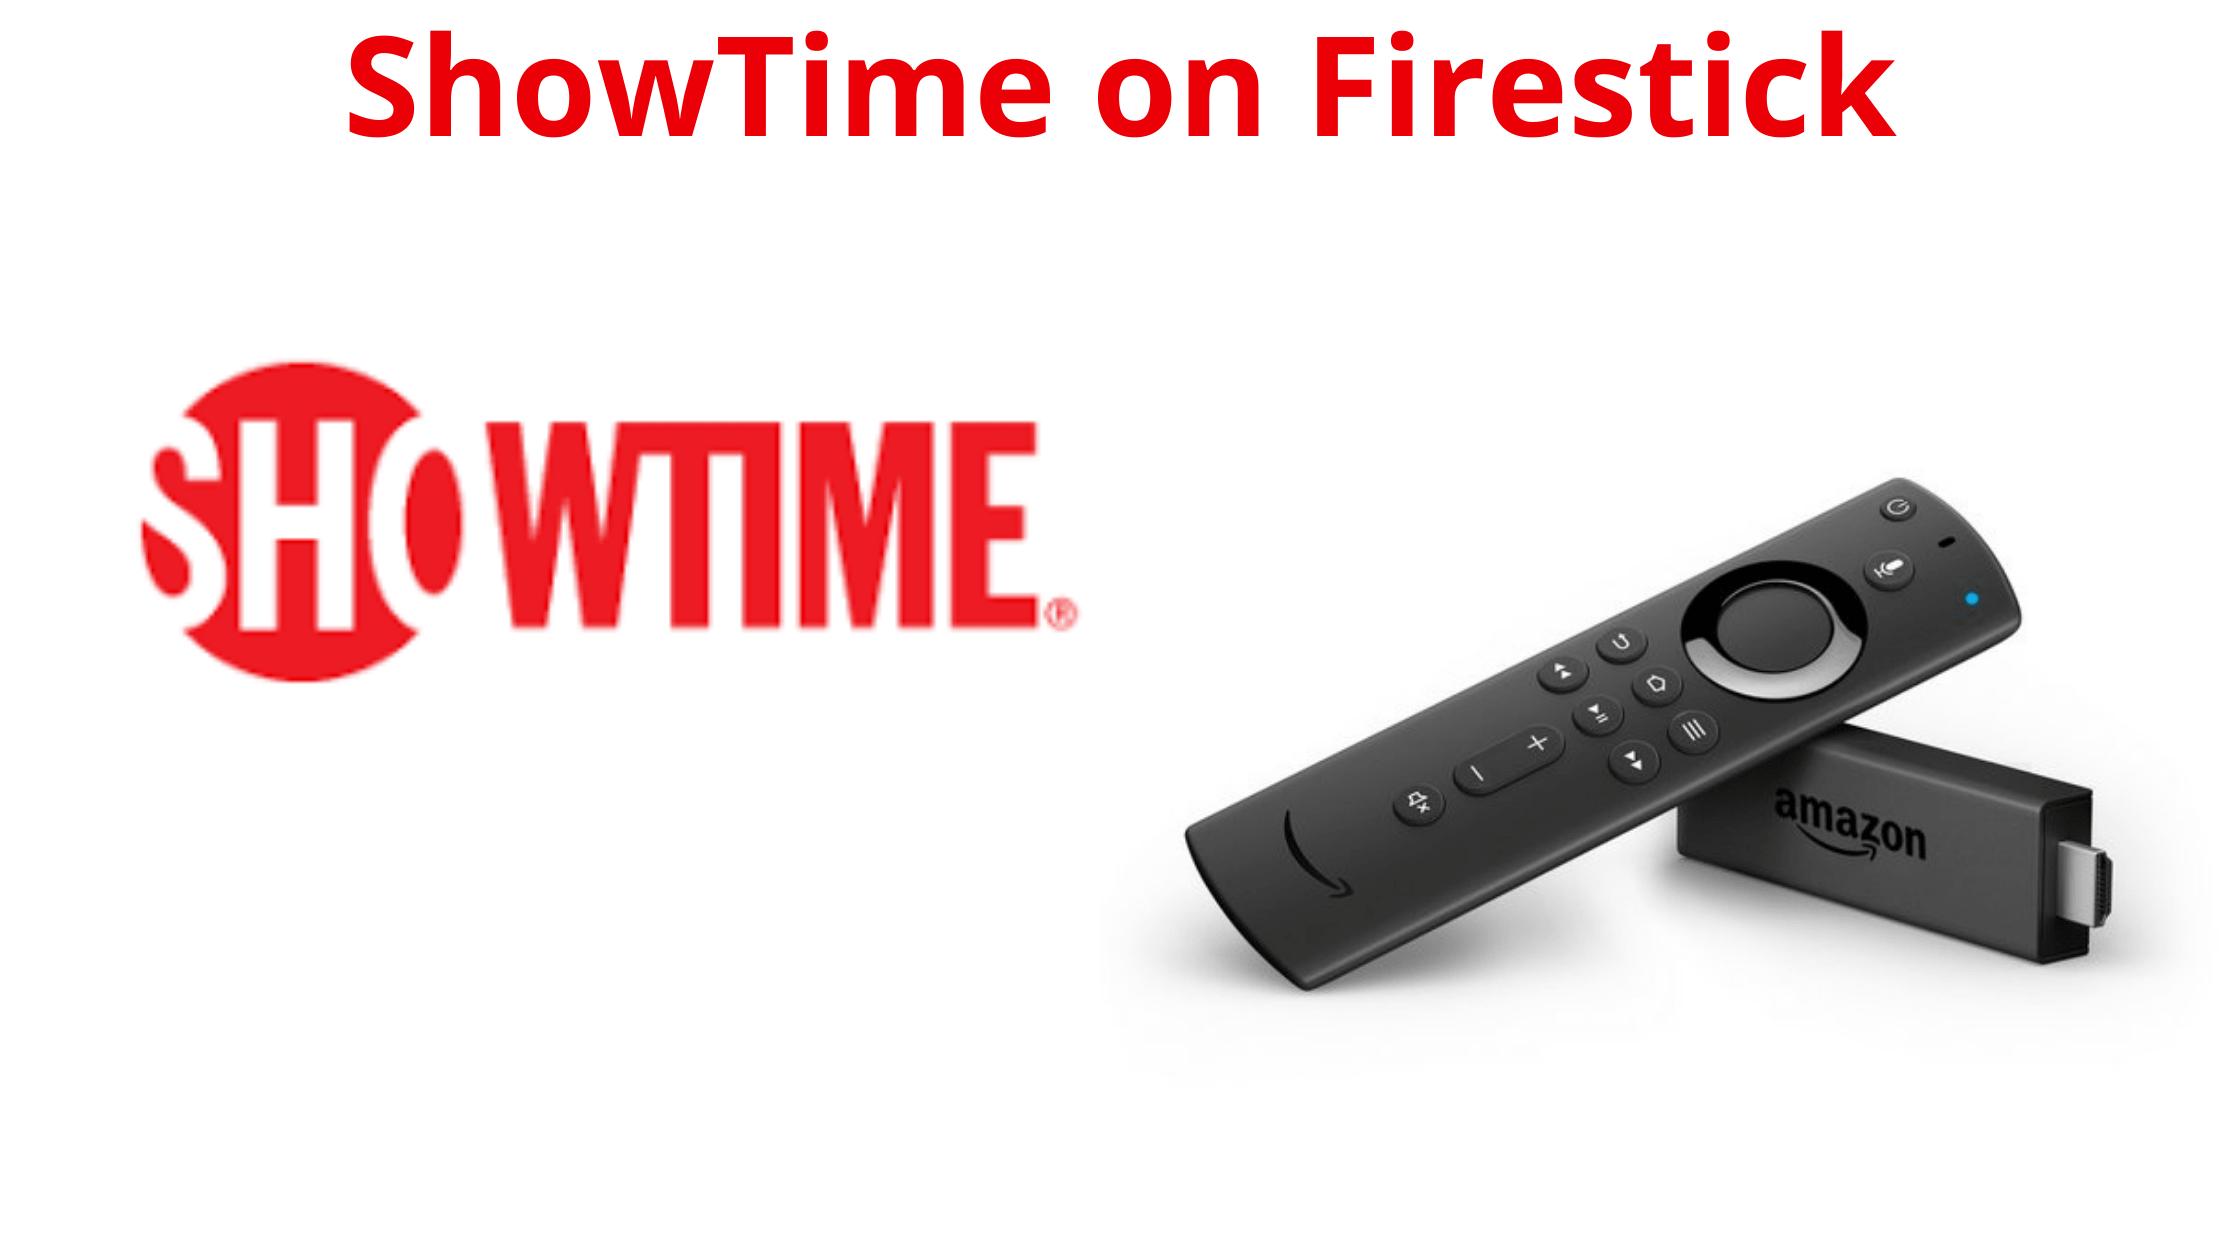 Showtime on Firestick